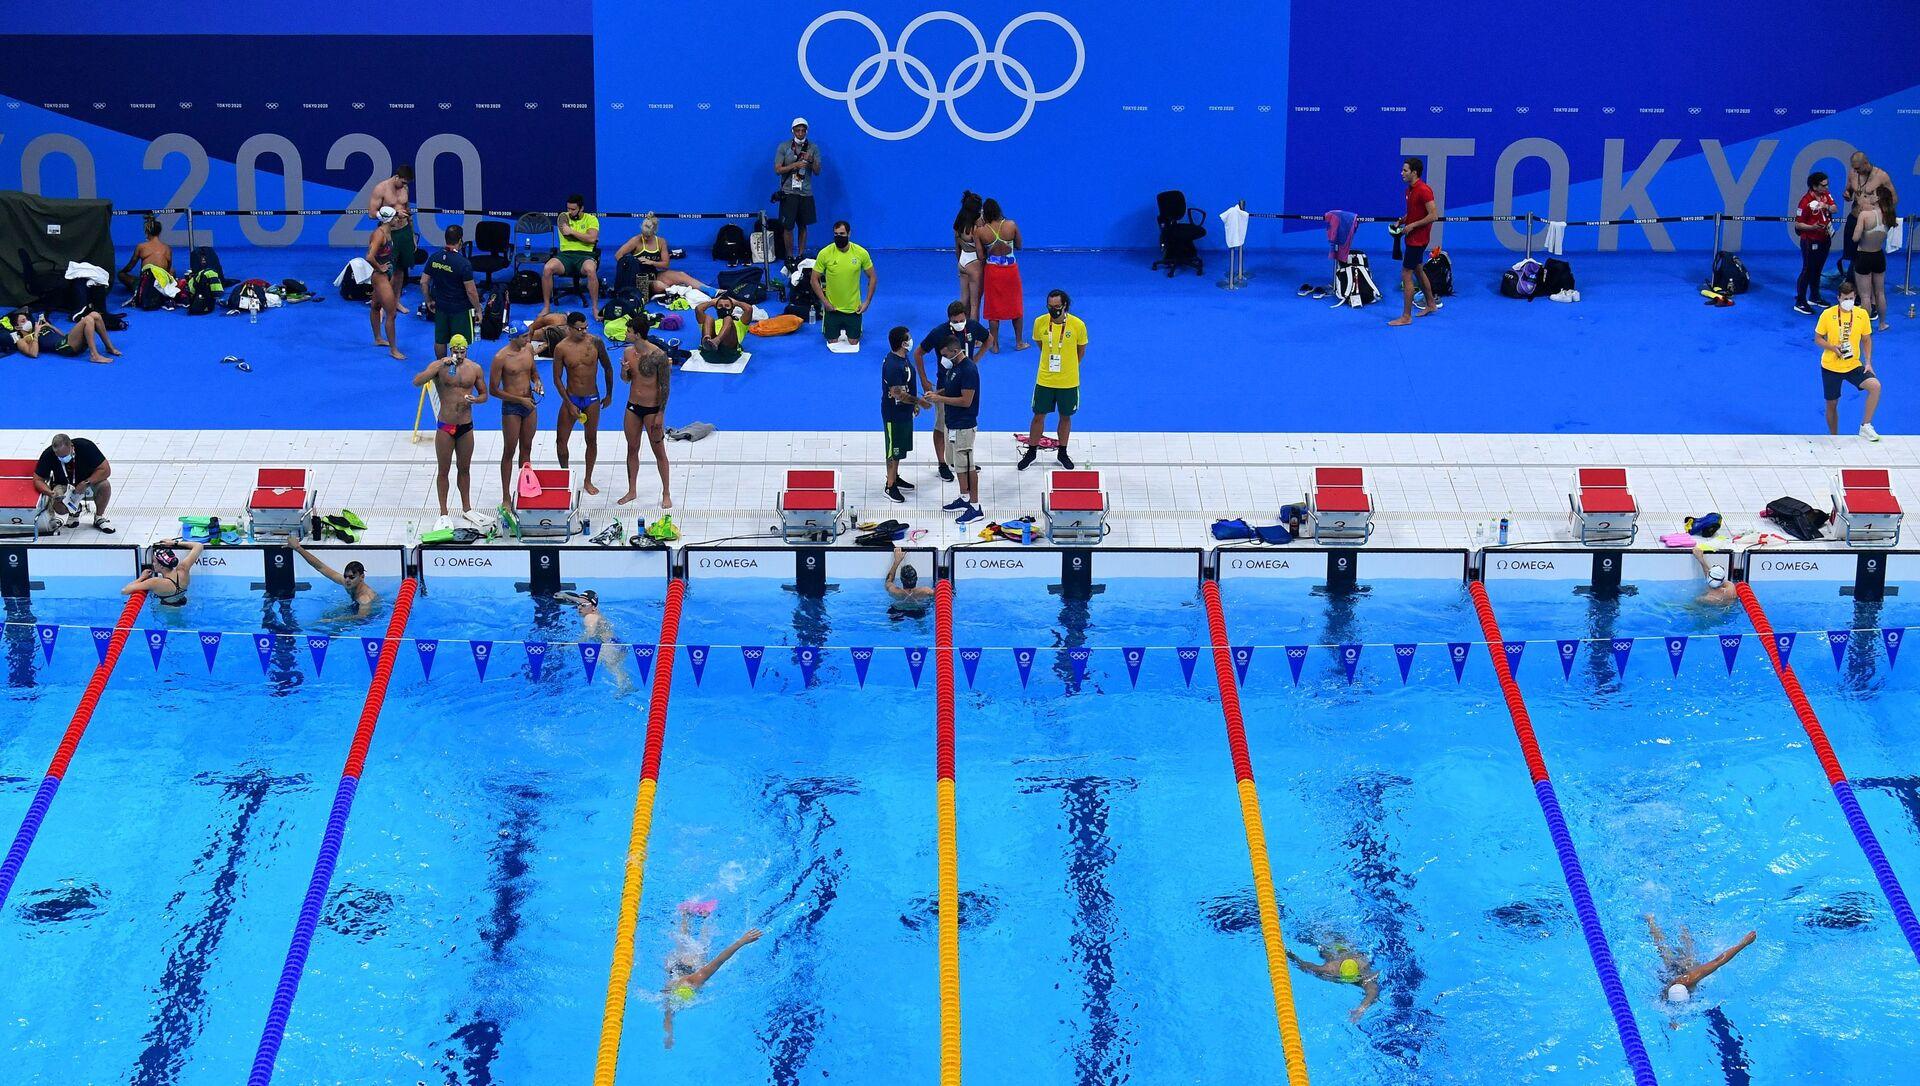 Cпортсмены в тренировке в бассейне Токийского центра водных видов спорта - Sputnik Азербайджан, 1920, 21.07.2021